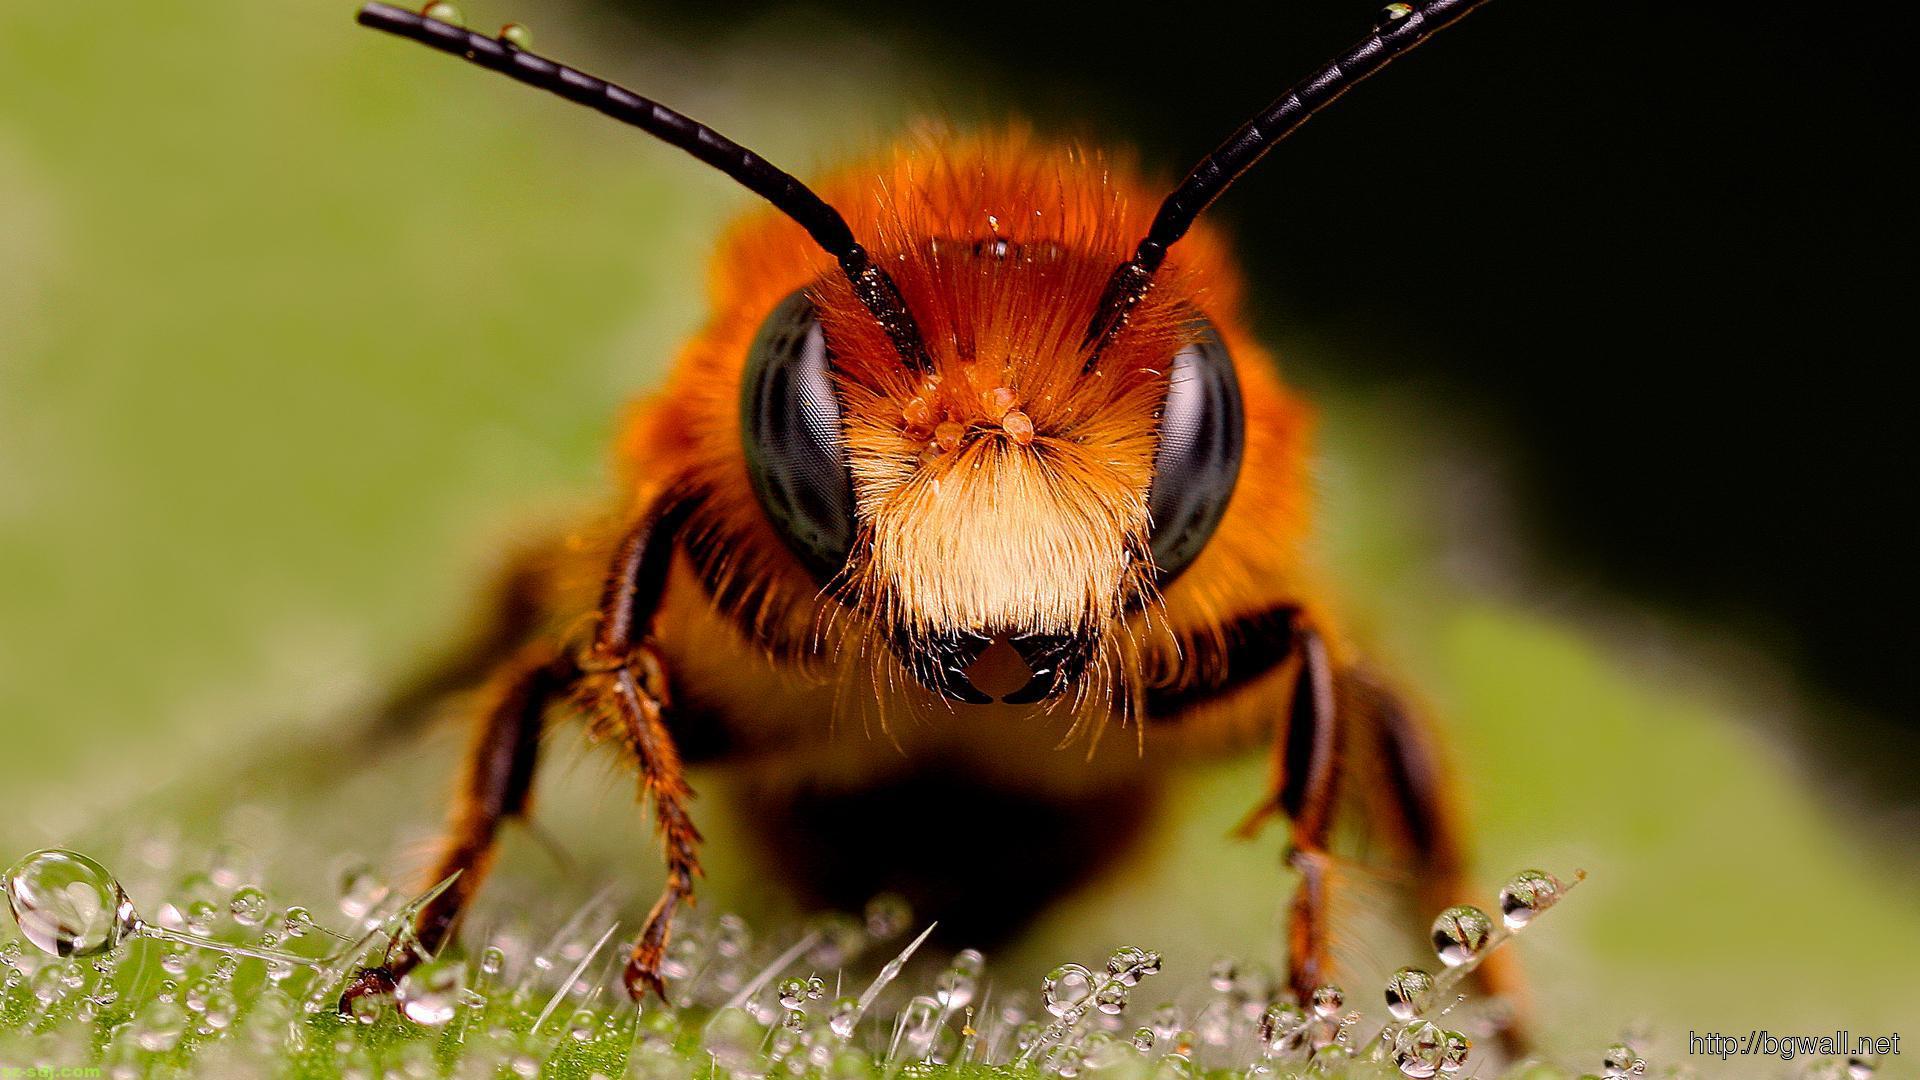 best-bee-macro-wallpaper-background